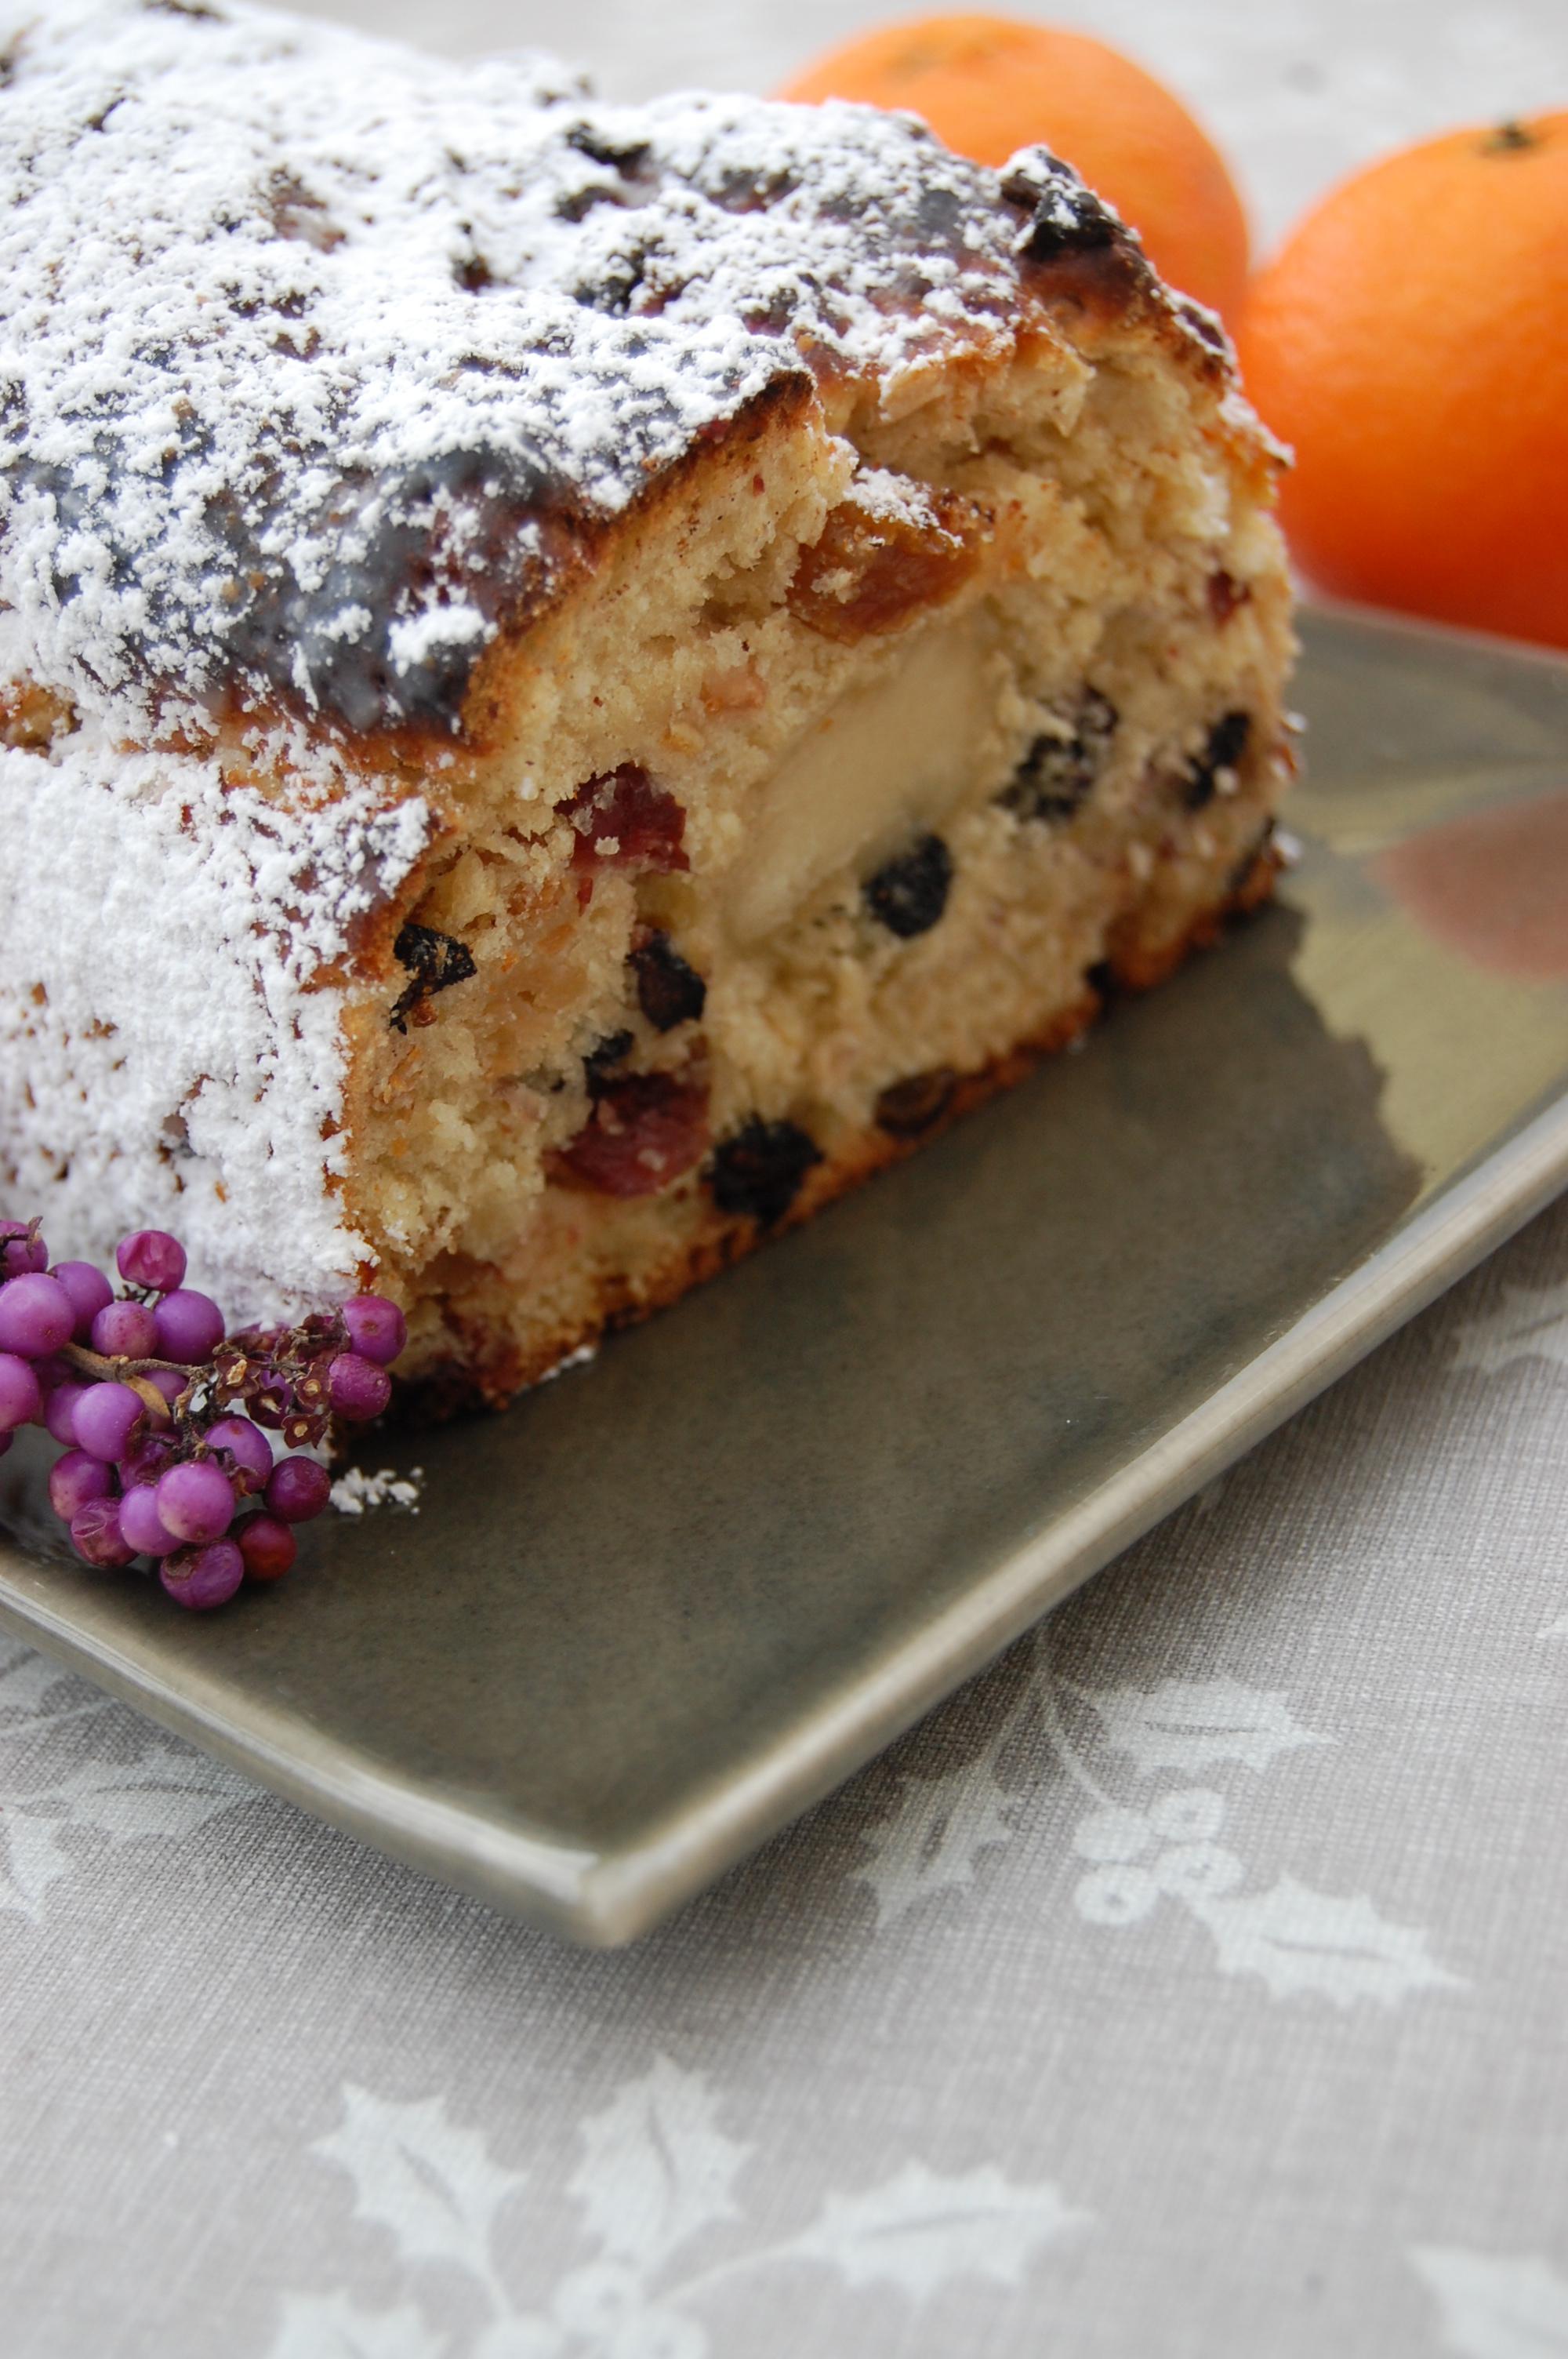 Gateau alsacien fruits secs les recettes populaires blogue le blog des g teaux - Gateau de noel alsacien stollen ...